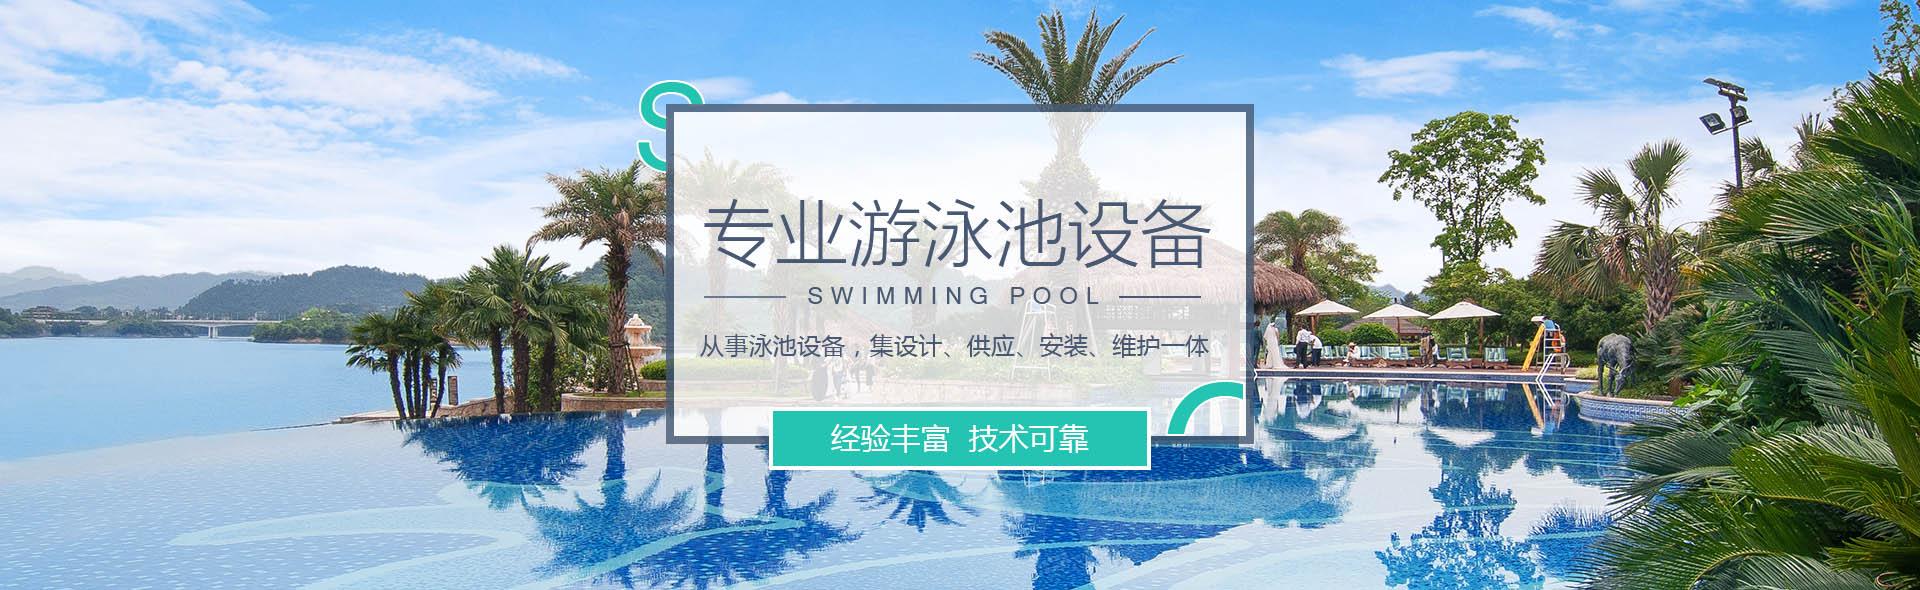 恒温泳池水处理设备厂家